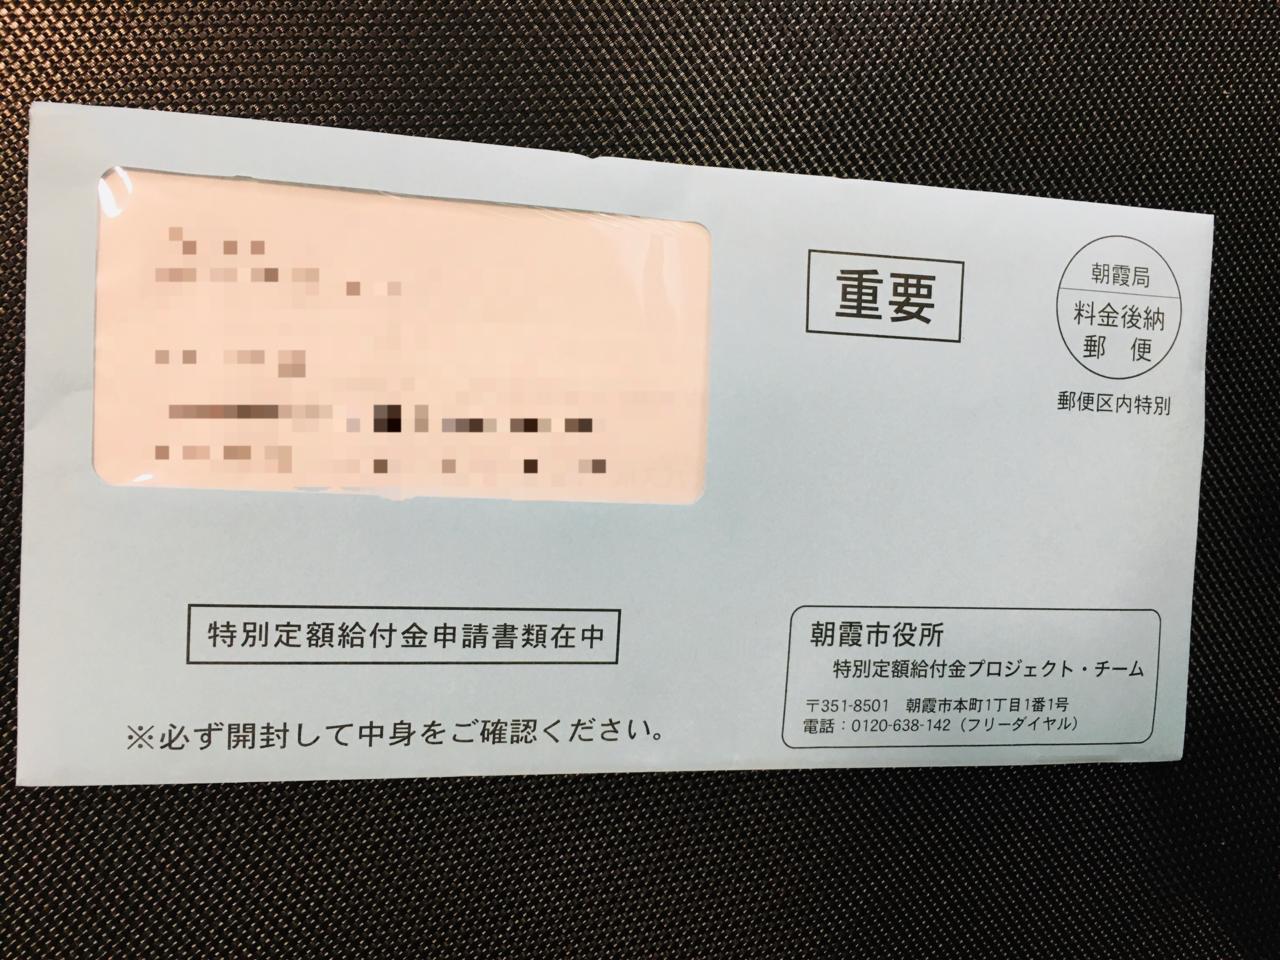 給付 万 市 大阪 いつ 円 10